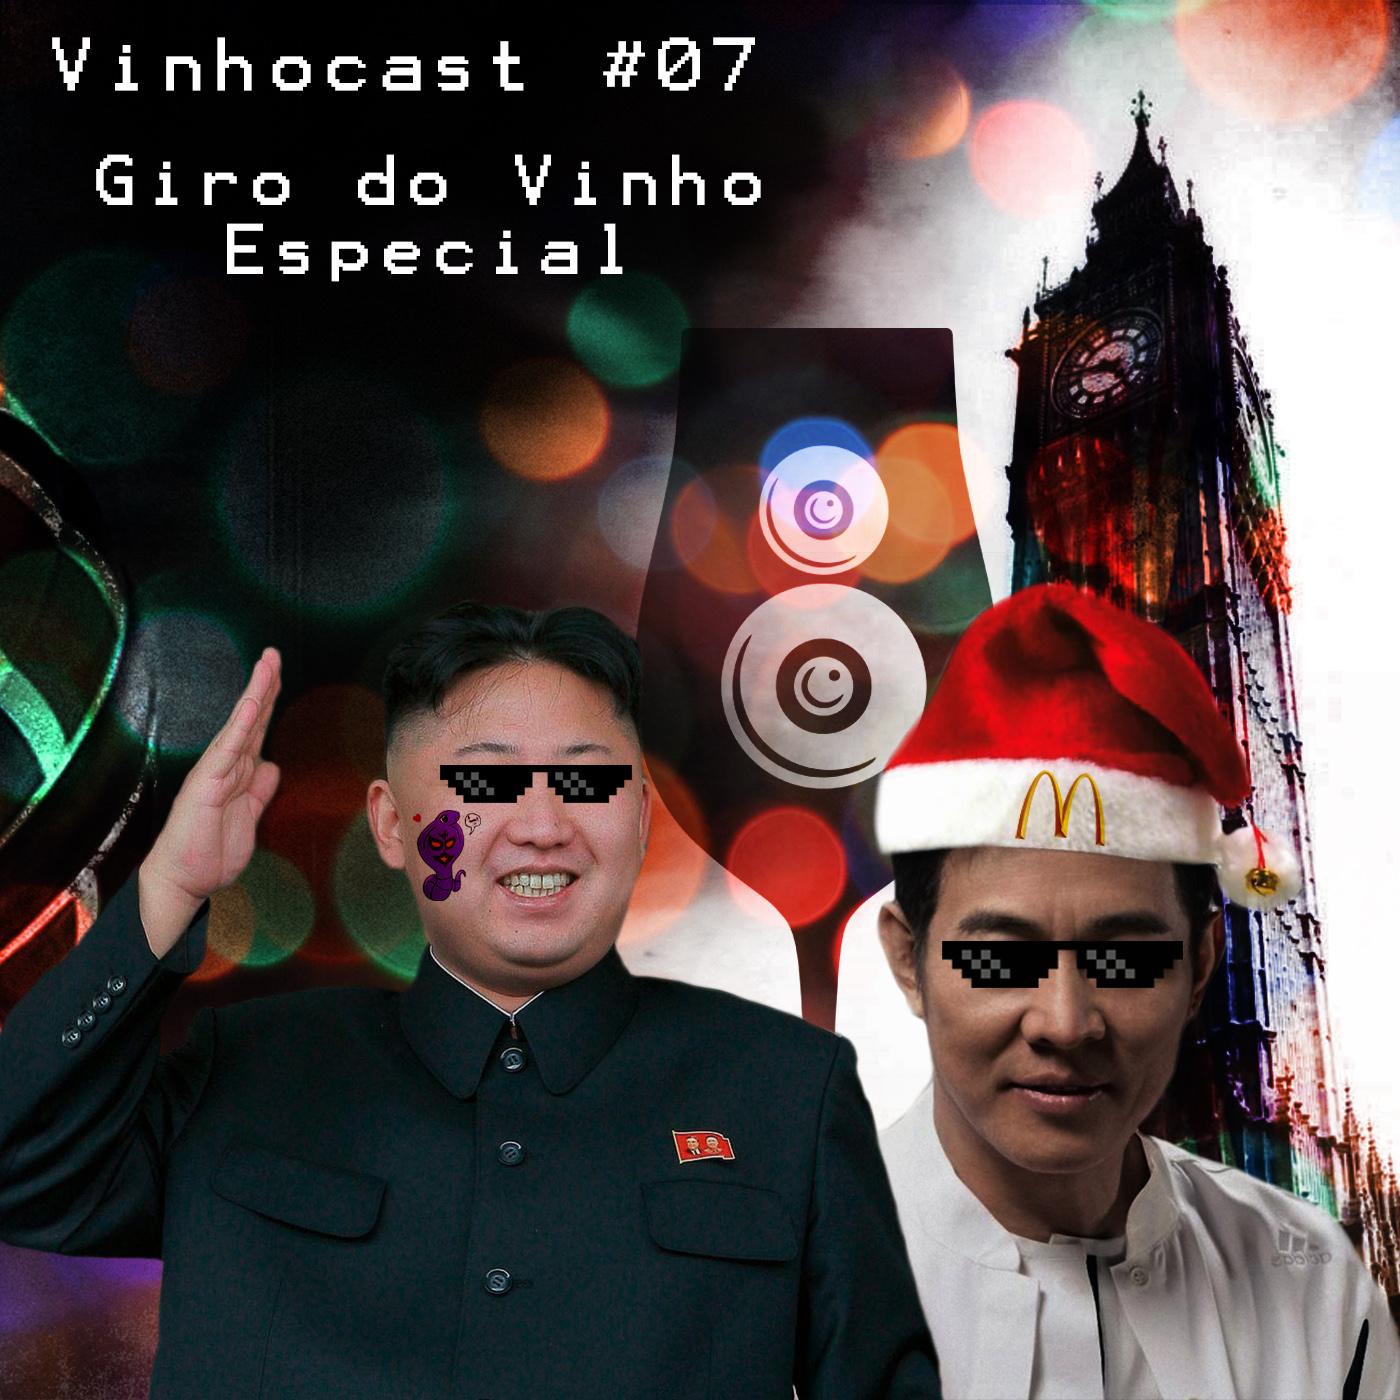 Vinhocast 07 - Giro do Vinho Especial